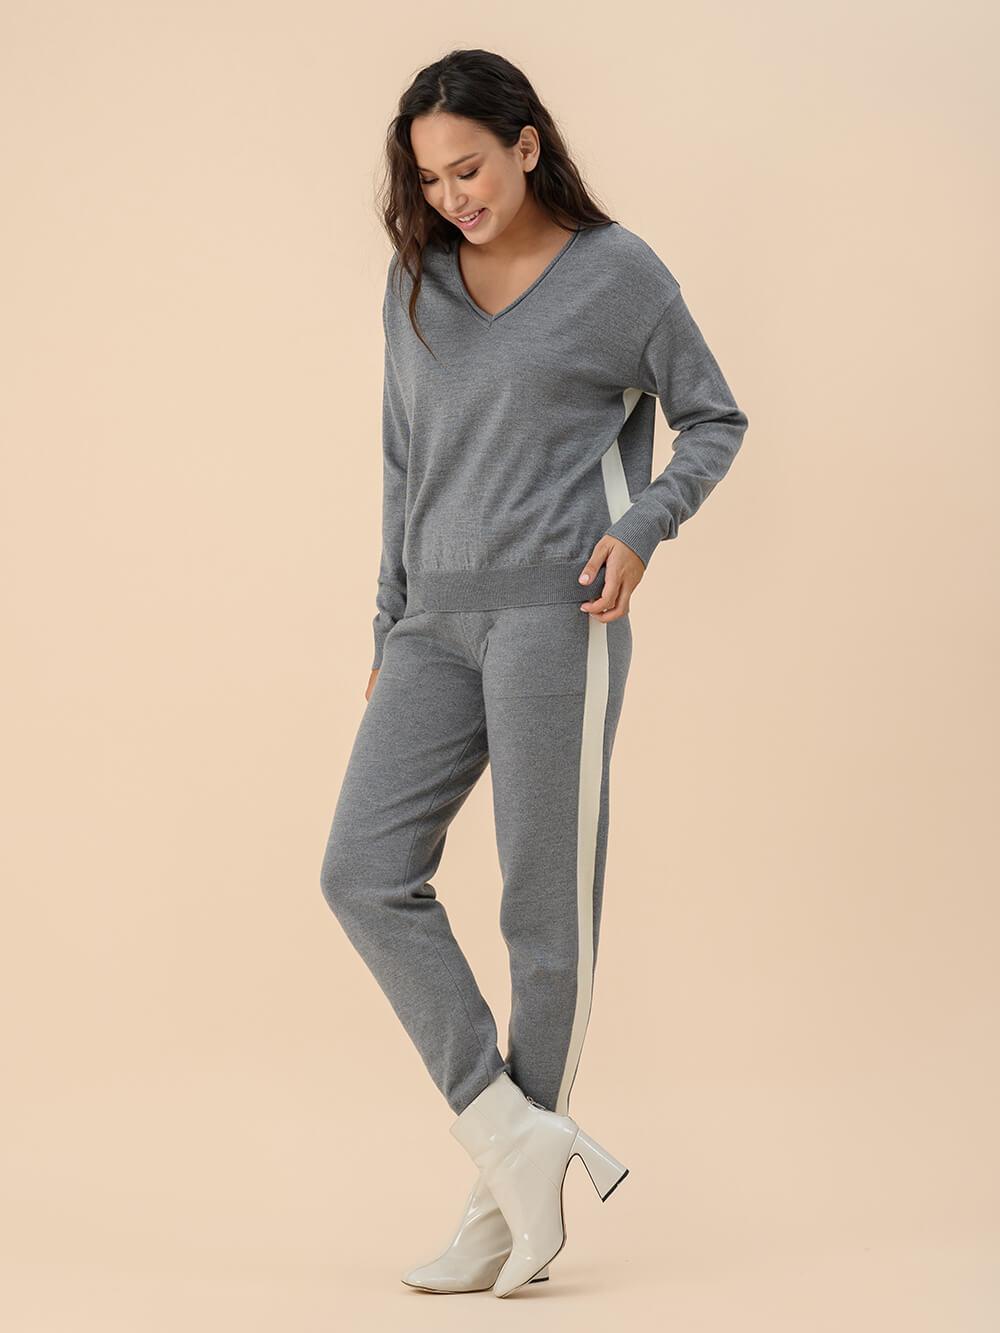 Женские брюки серого цвета из 100% шерсти - фото 1